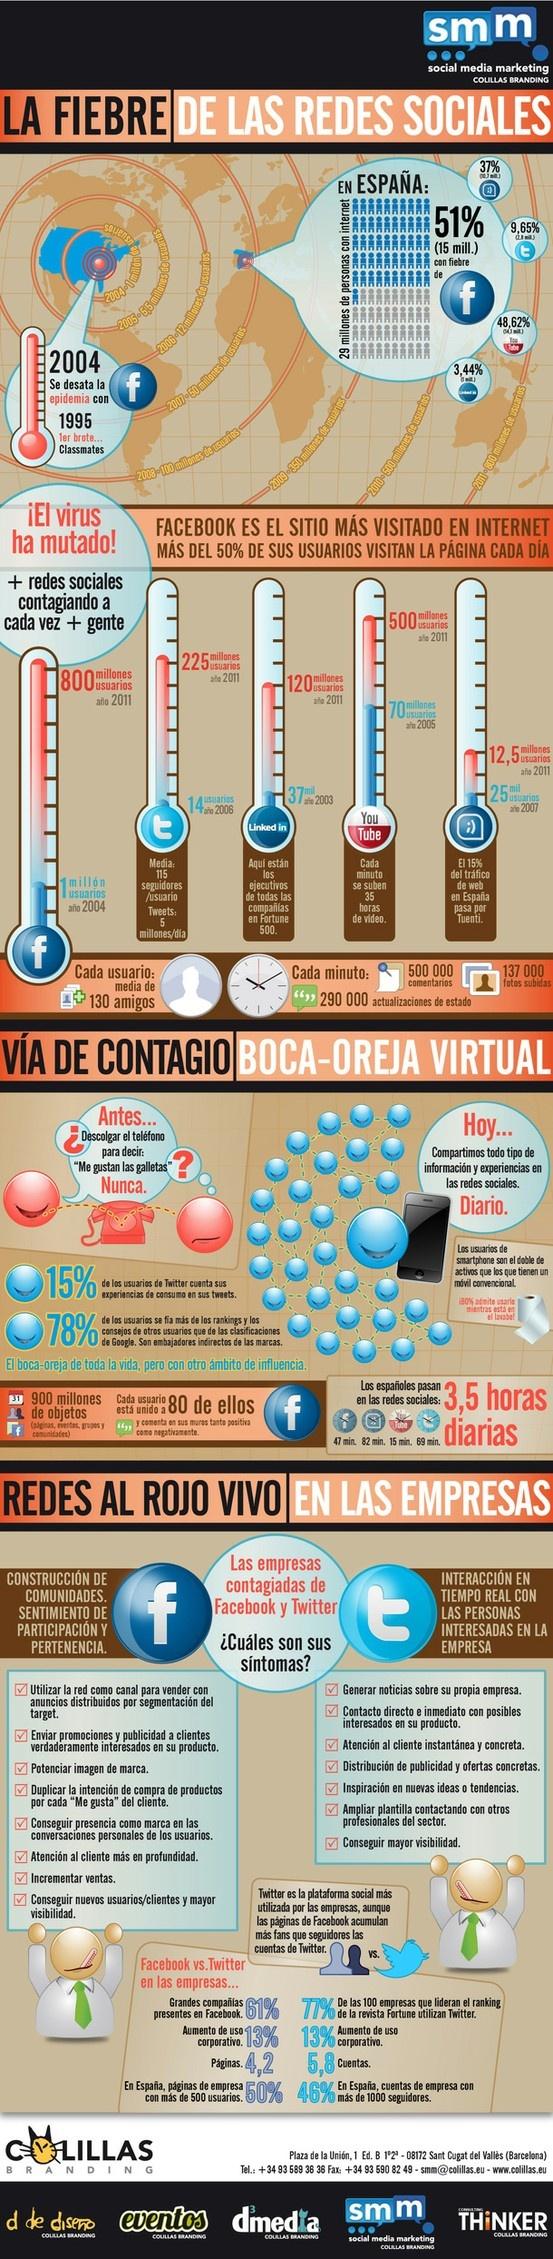 Evolución de las #redes #sociales en España